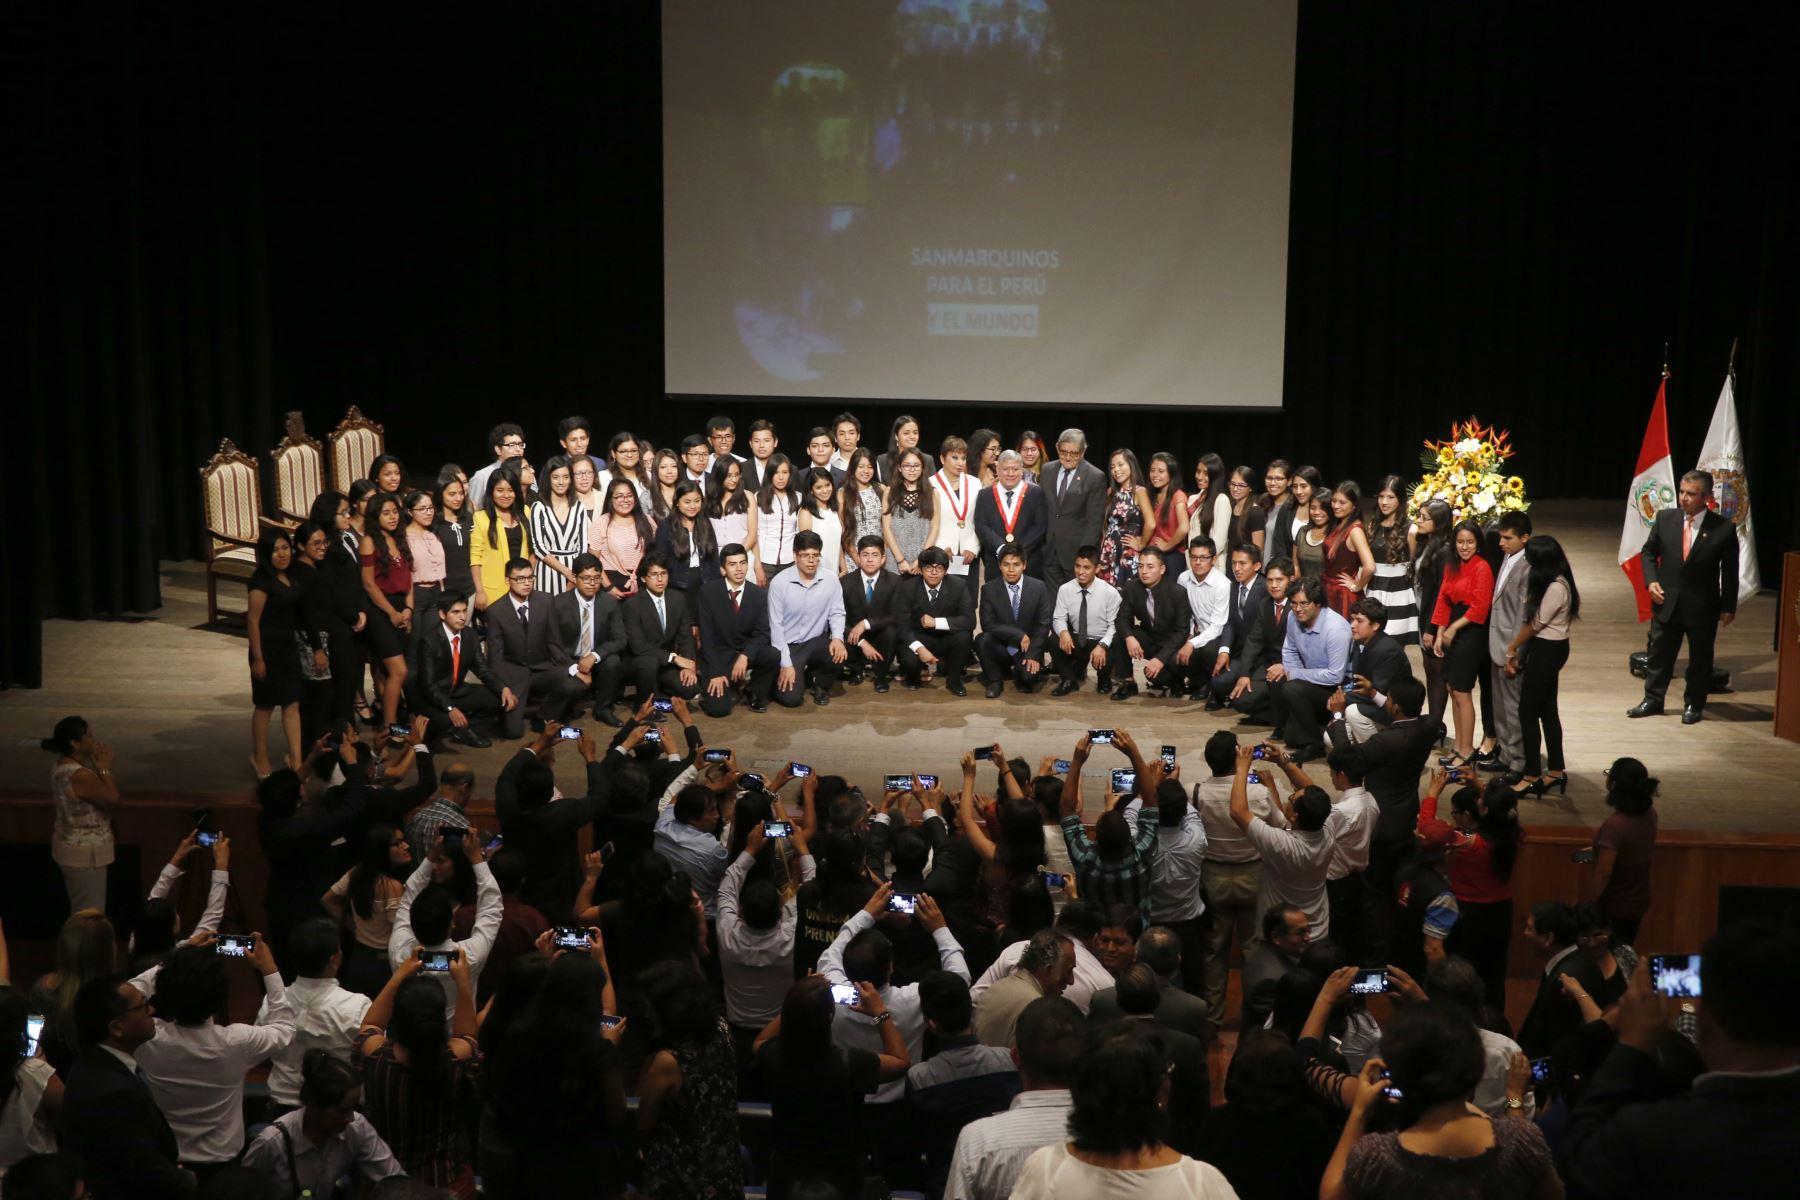 En junio tercera delegación de alumnos que tienen primer y segundo puesto en las facultades de la UNMSM harán pasantía en la Universidad de Harvard.  ANDINA/Nathalie Sayago